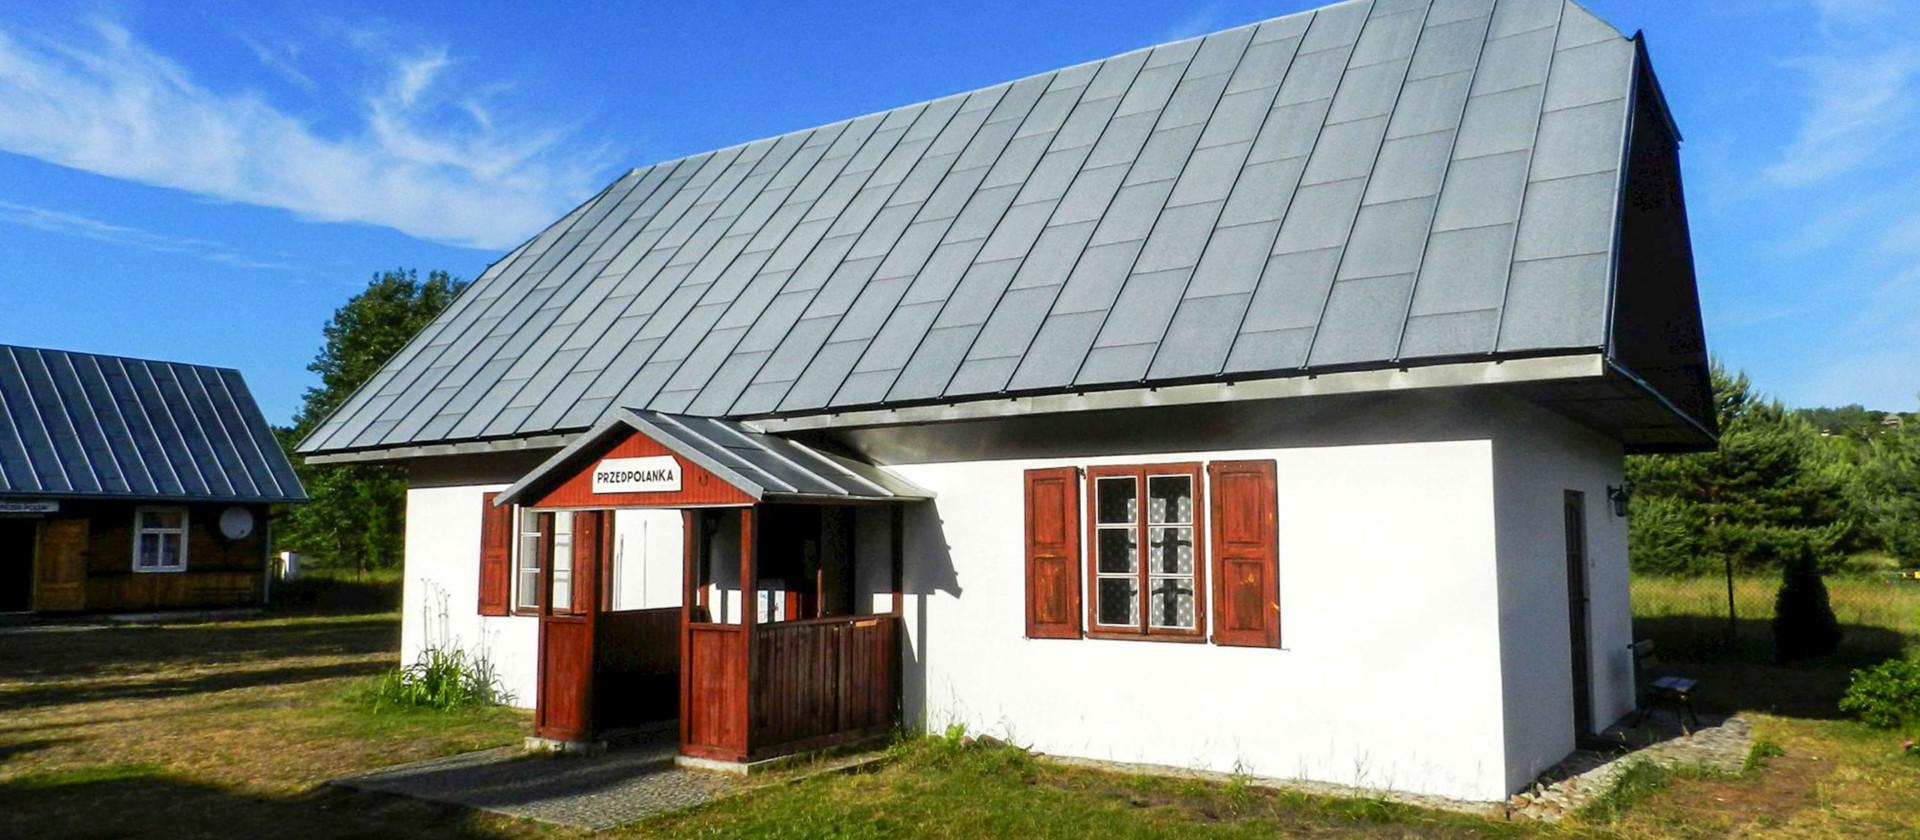 64 - Nieruchomości Krzysztof Górski Zamość, biuro nieruchomości, domy, mieszkania, działki, lokale, sprzedaż nieruchomości, wynajem nieruchomości